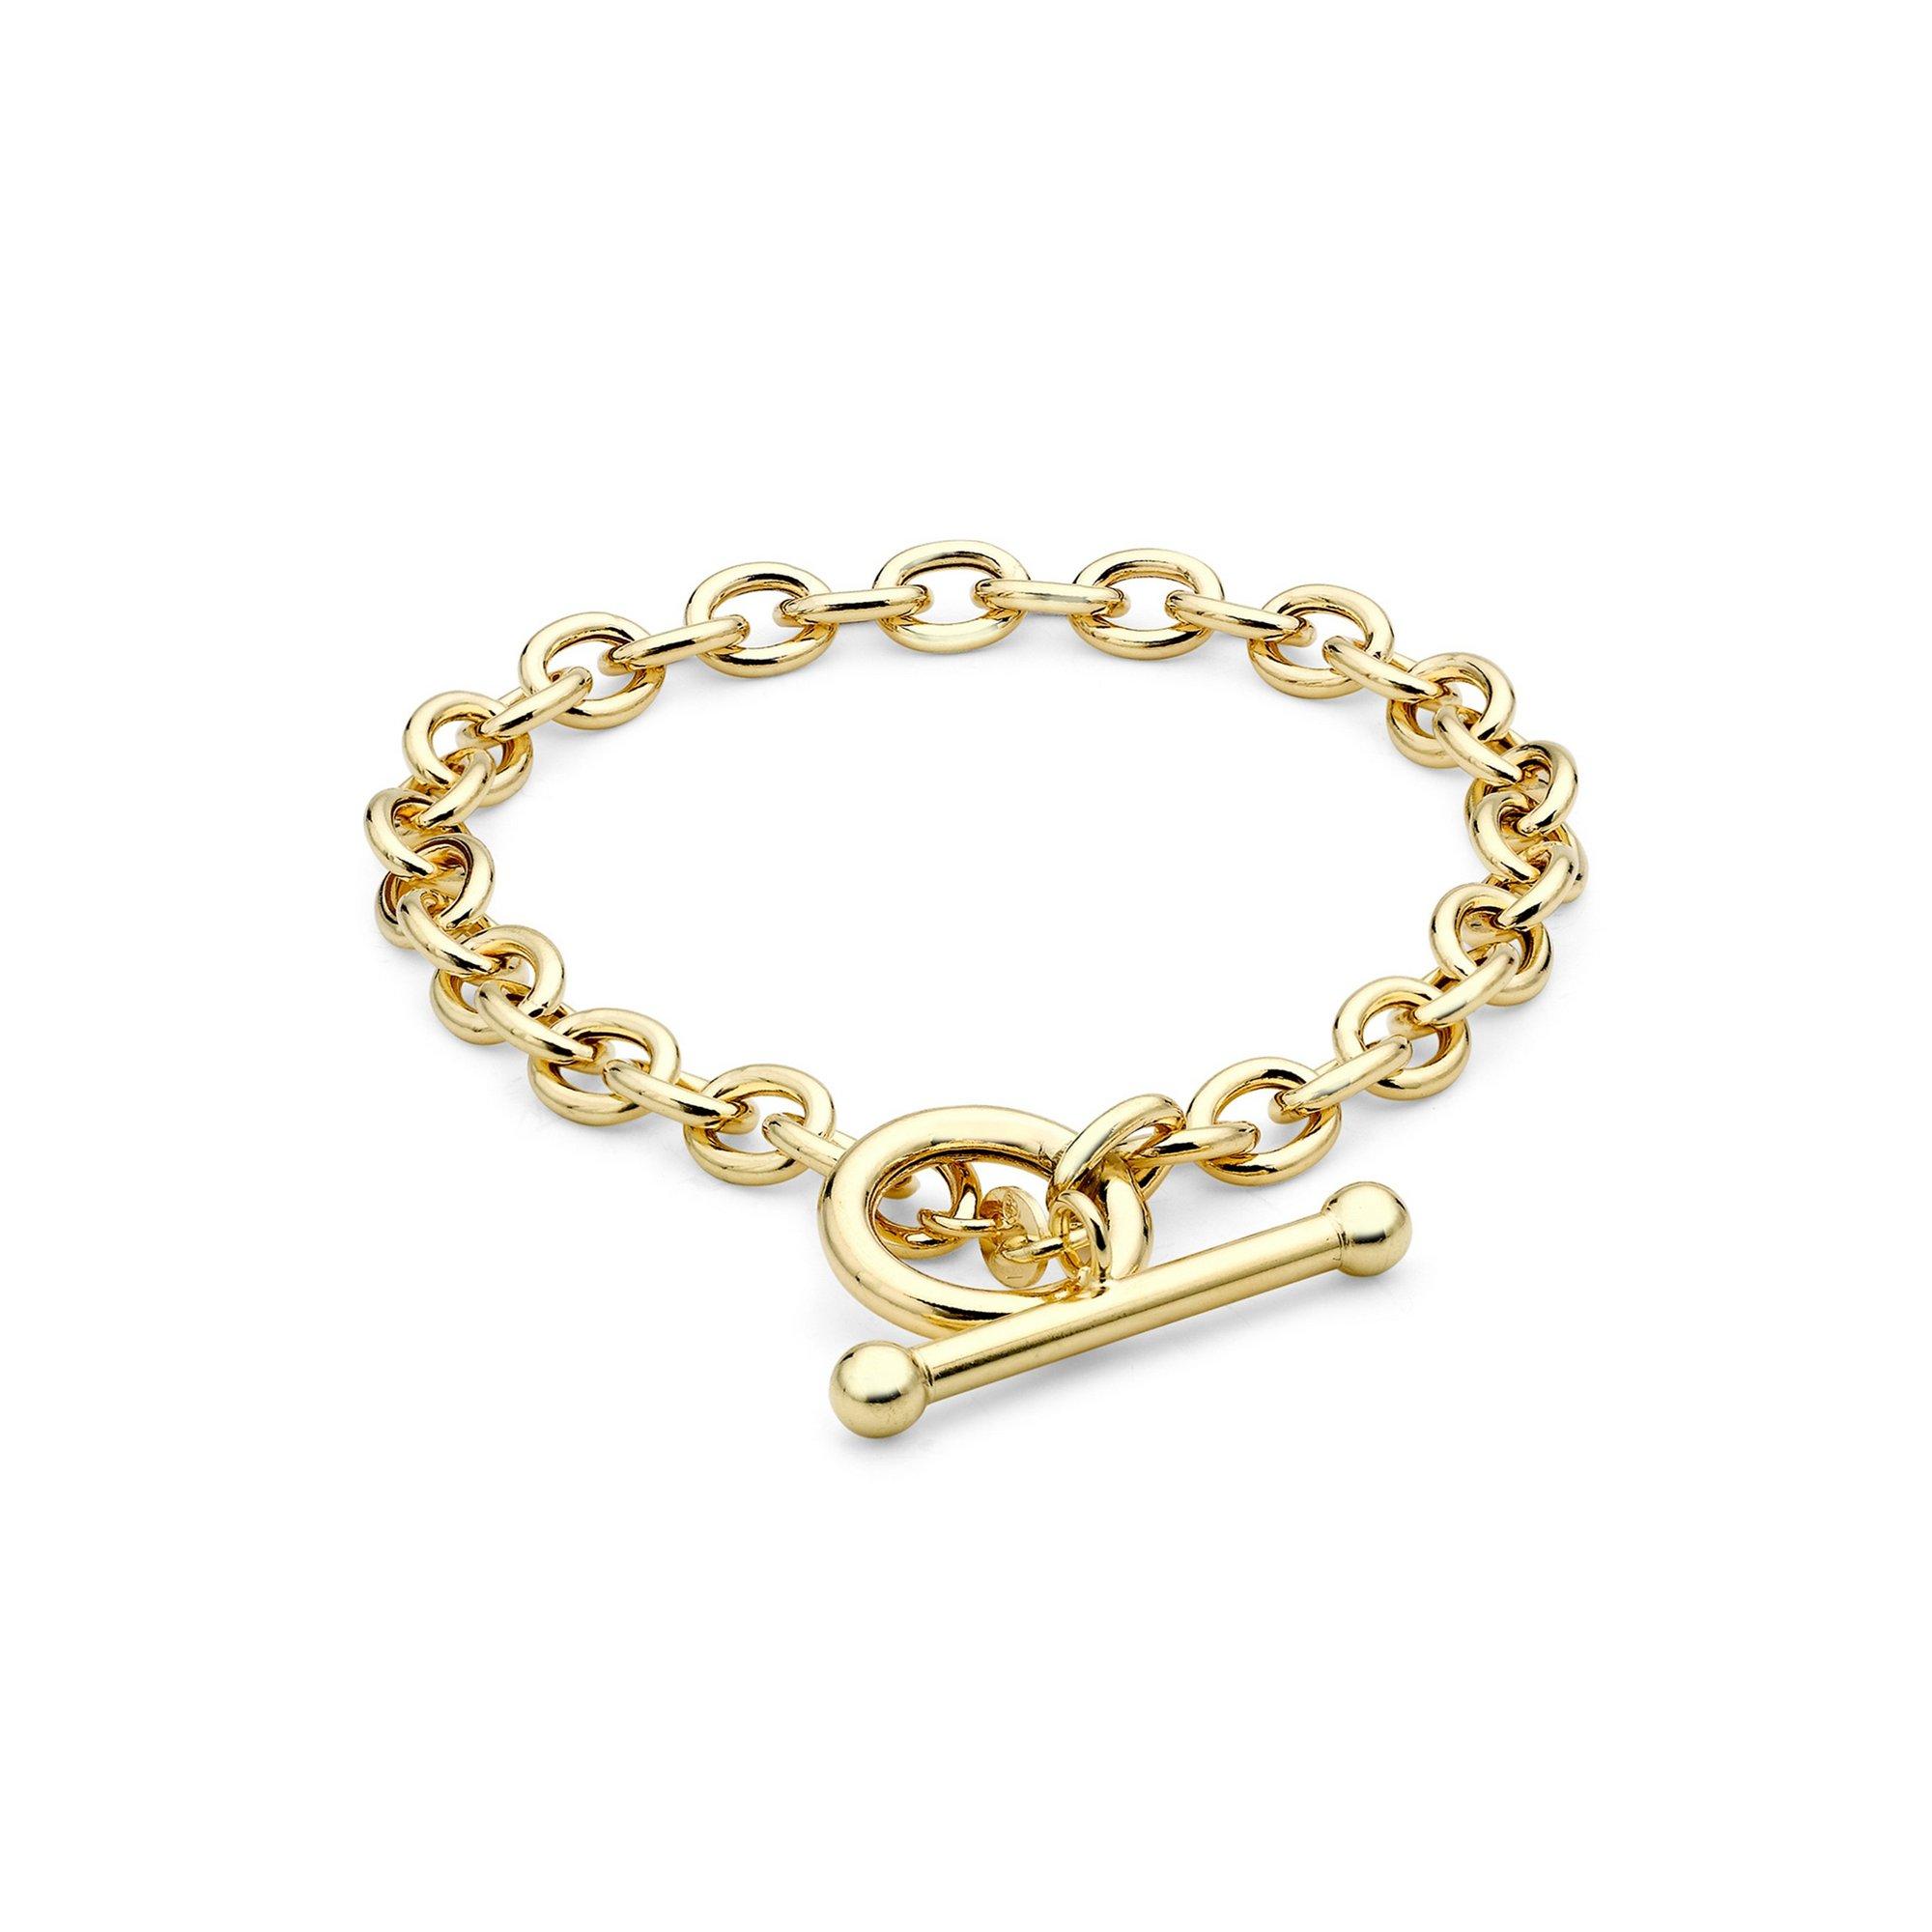 Image of 9ct Gold Oval Link Belcher T-Bar Bracelet